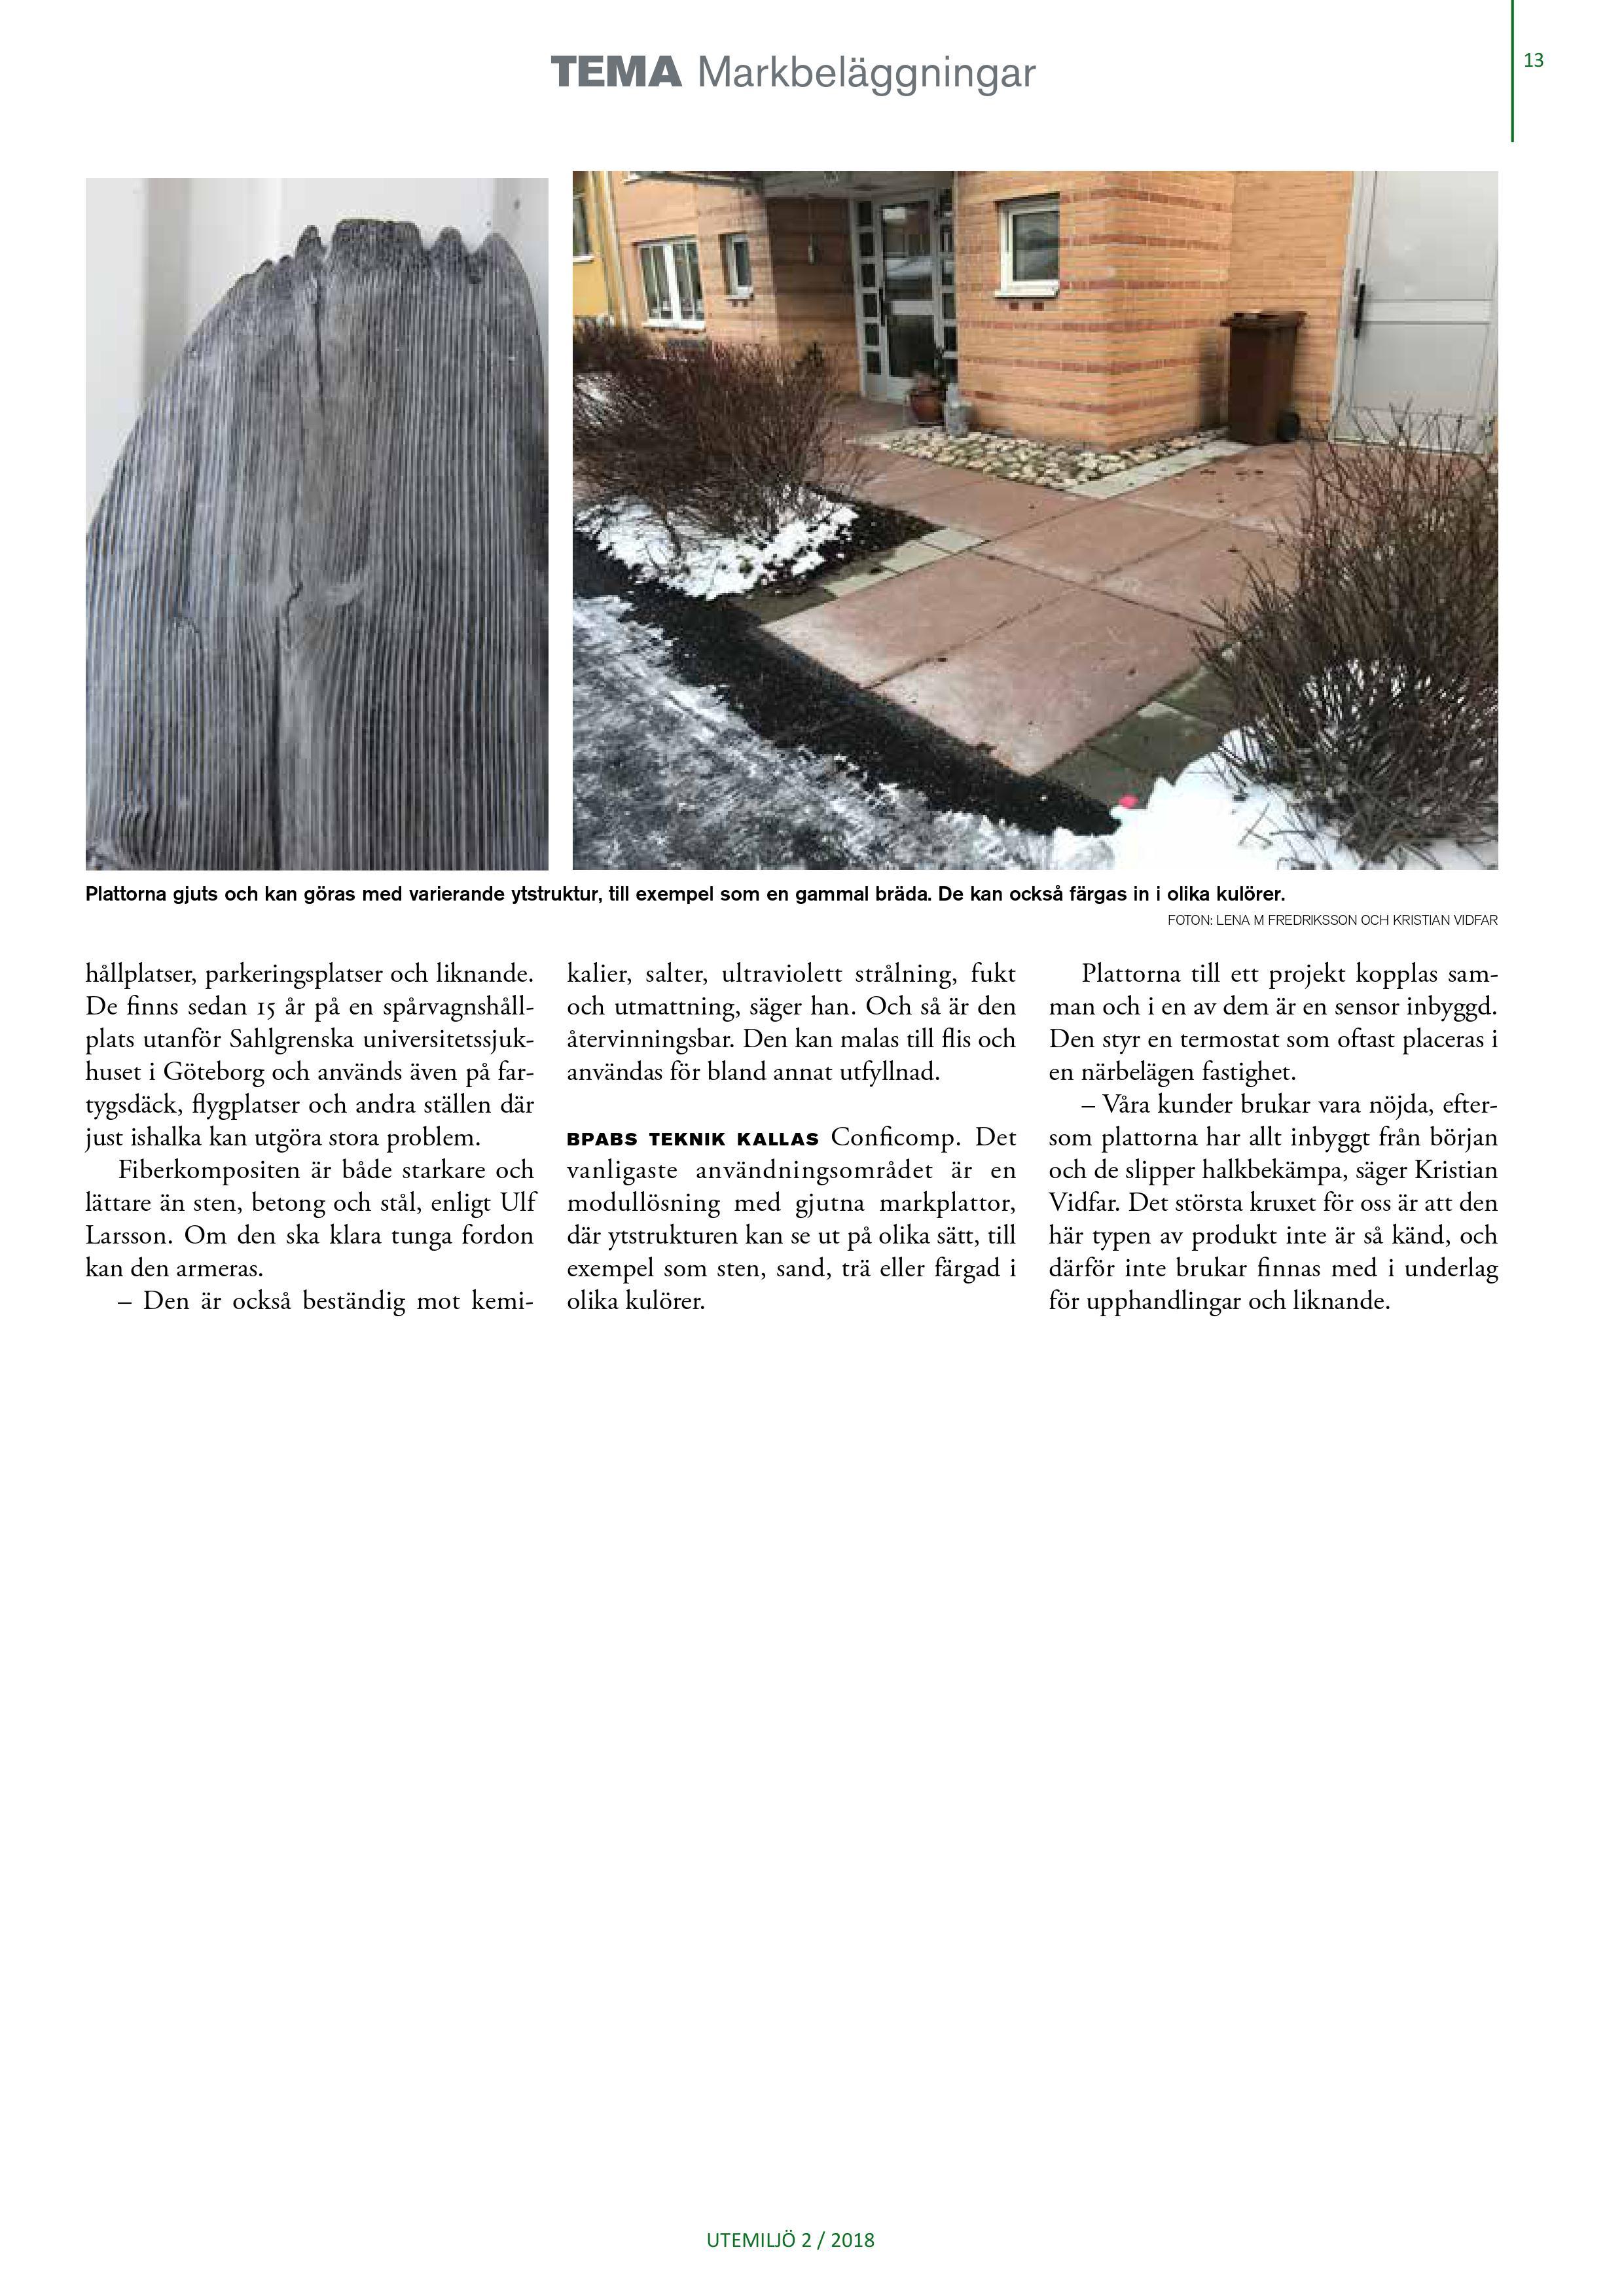 Conficomp uppvärmda markplattor uppmärksammas i Tidningen Utemiljös temanummer om markbeläggningar. Sida 2